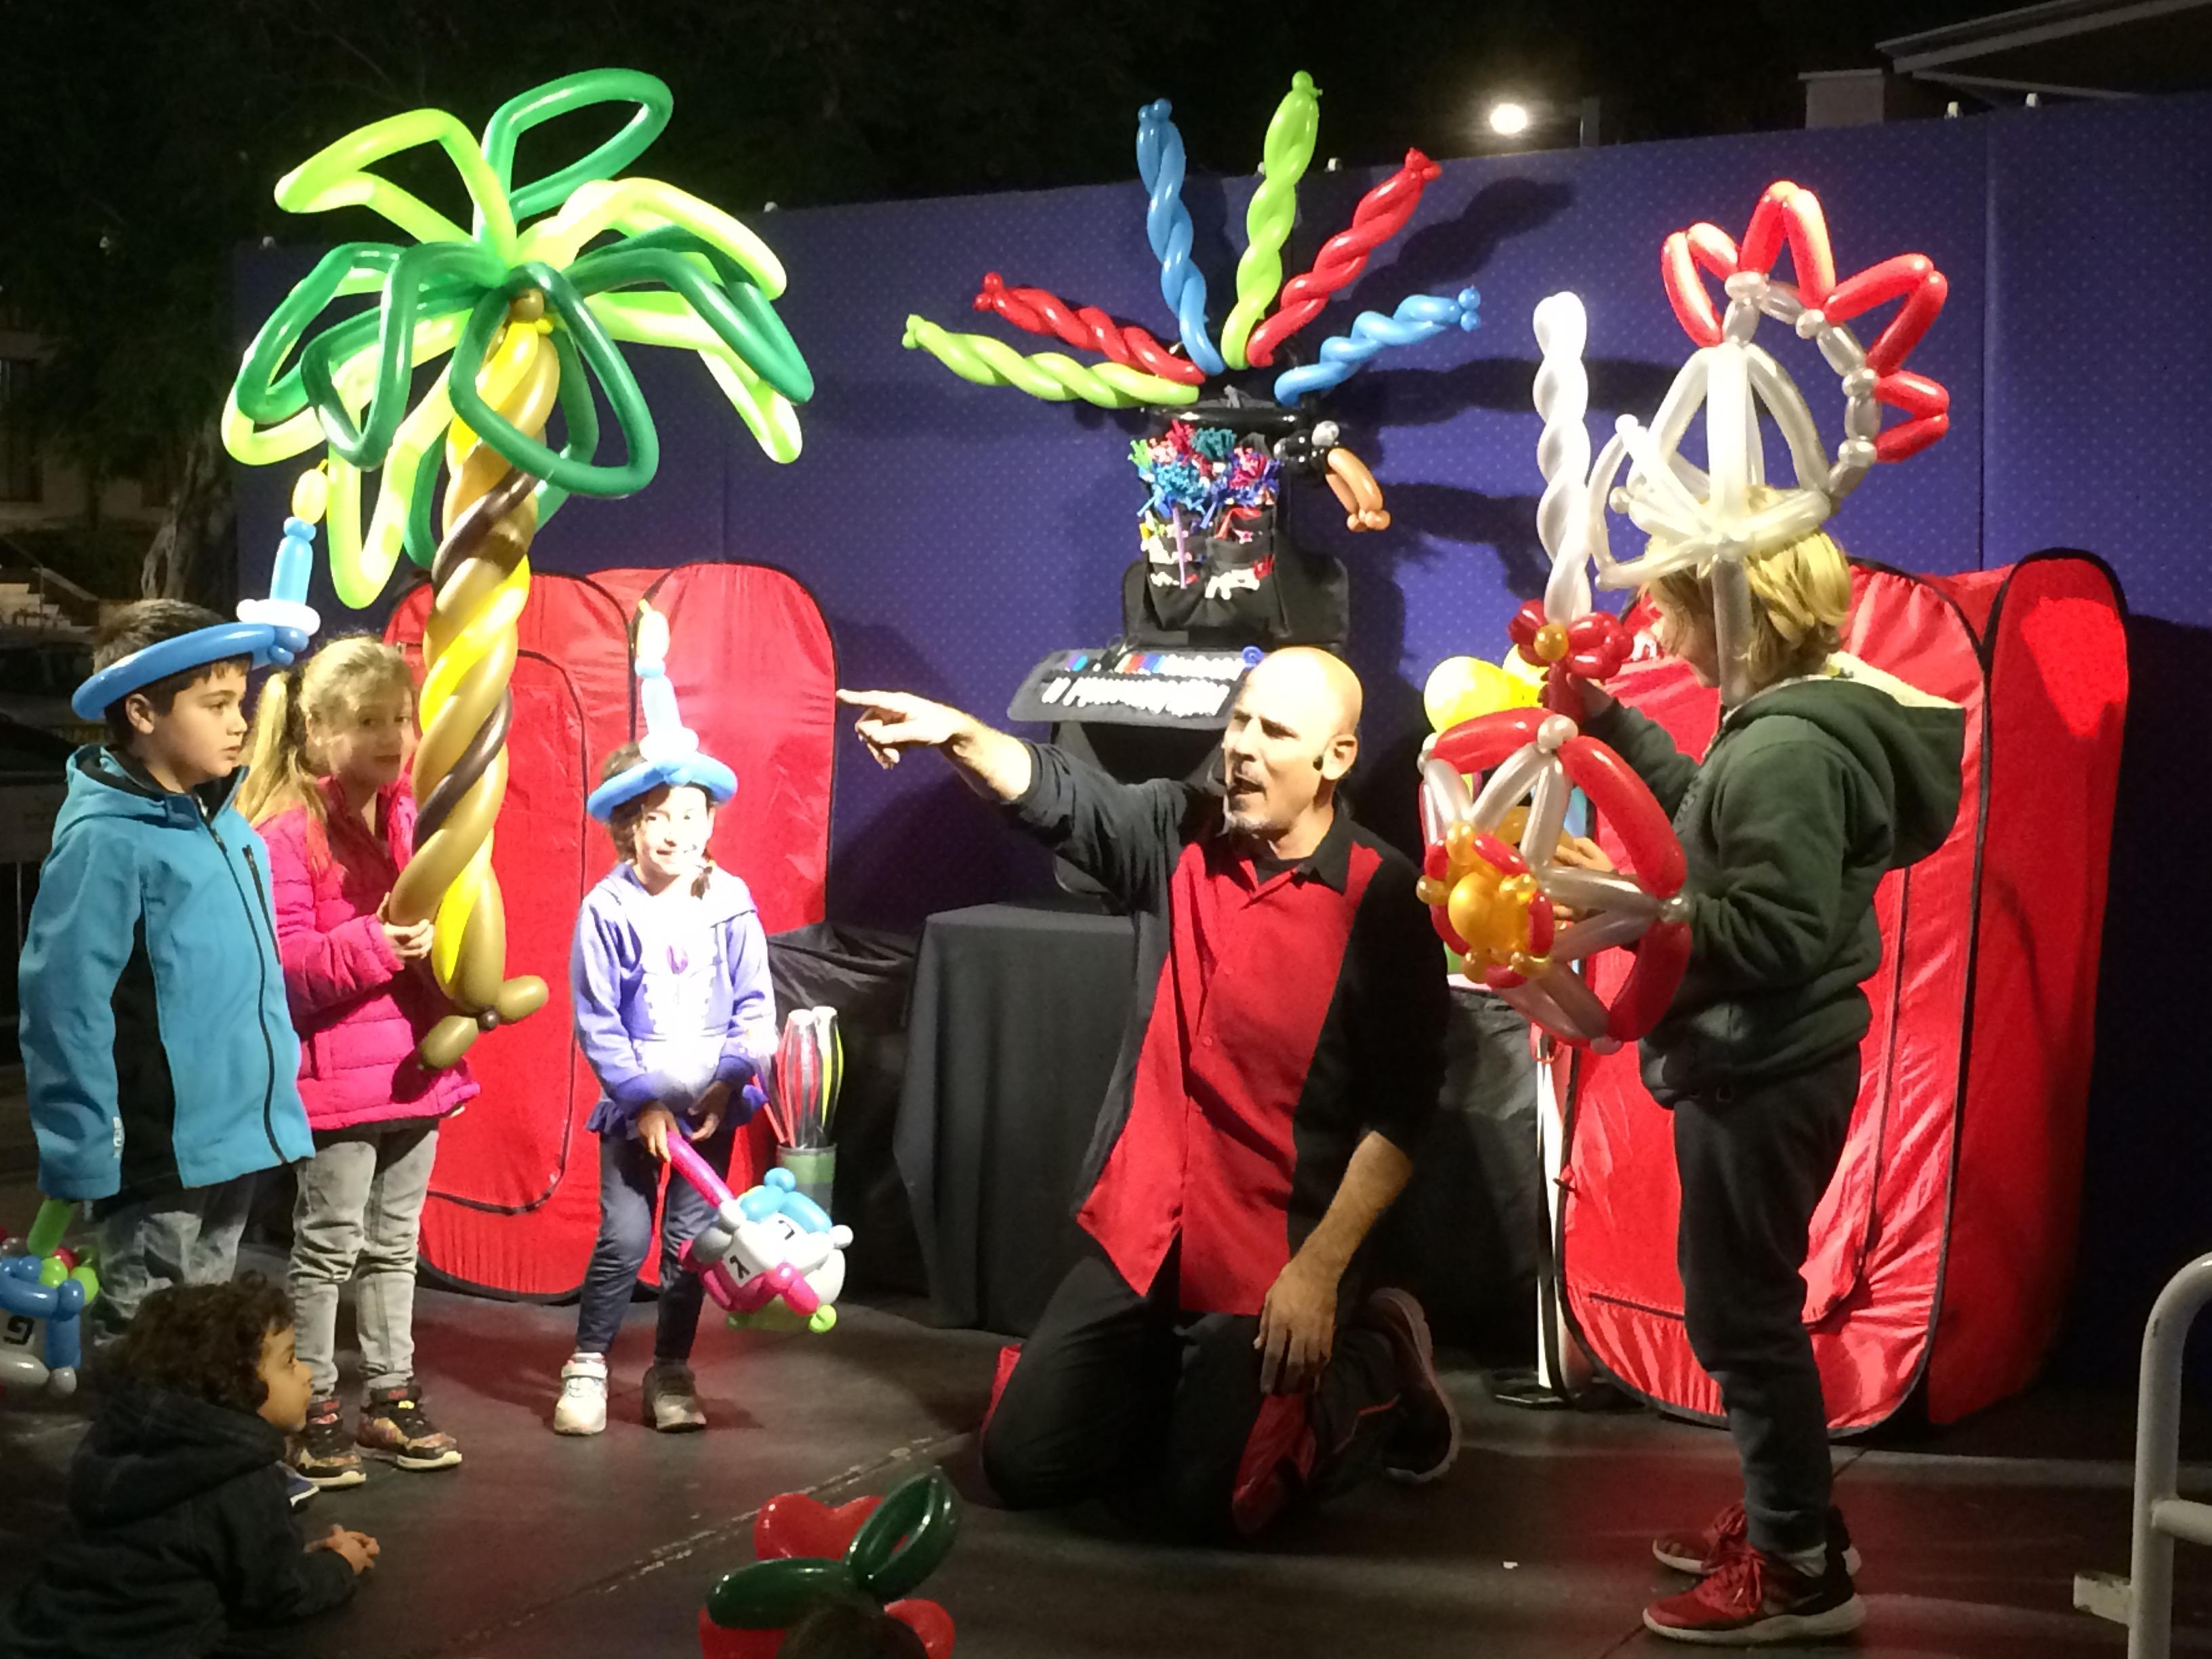 פעילויות אירועים לילדים